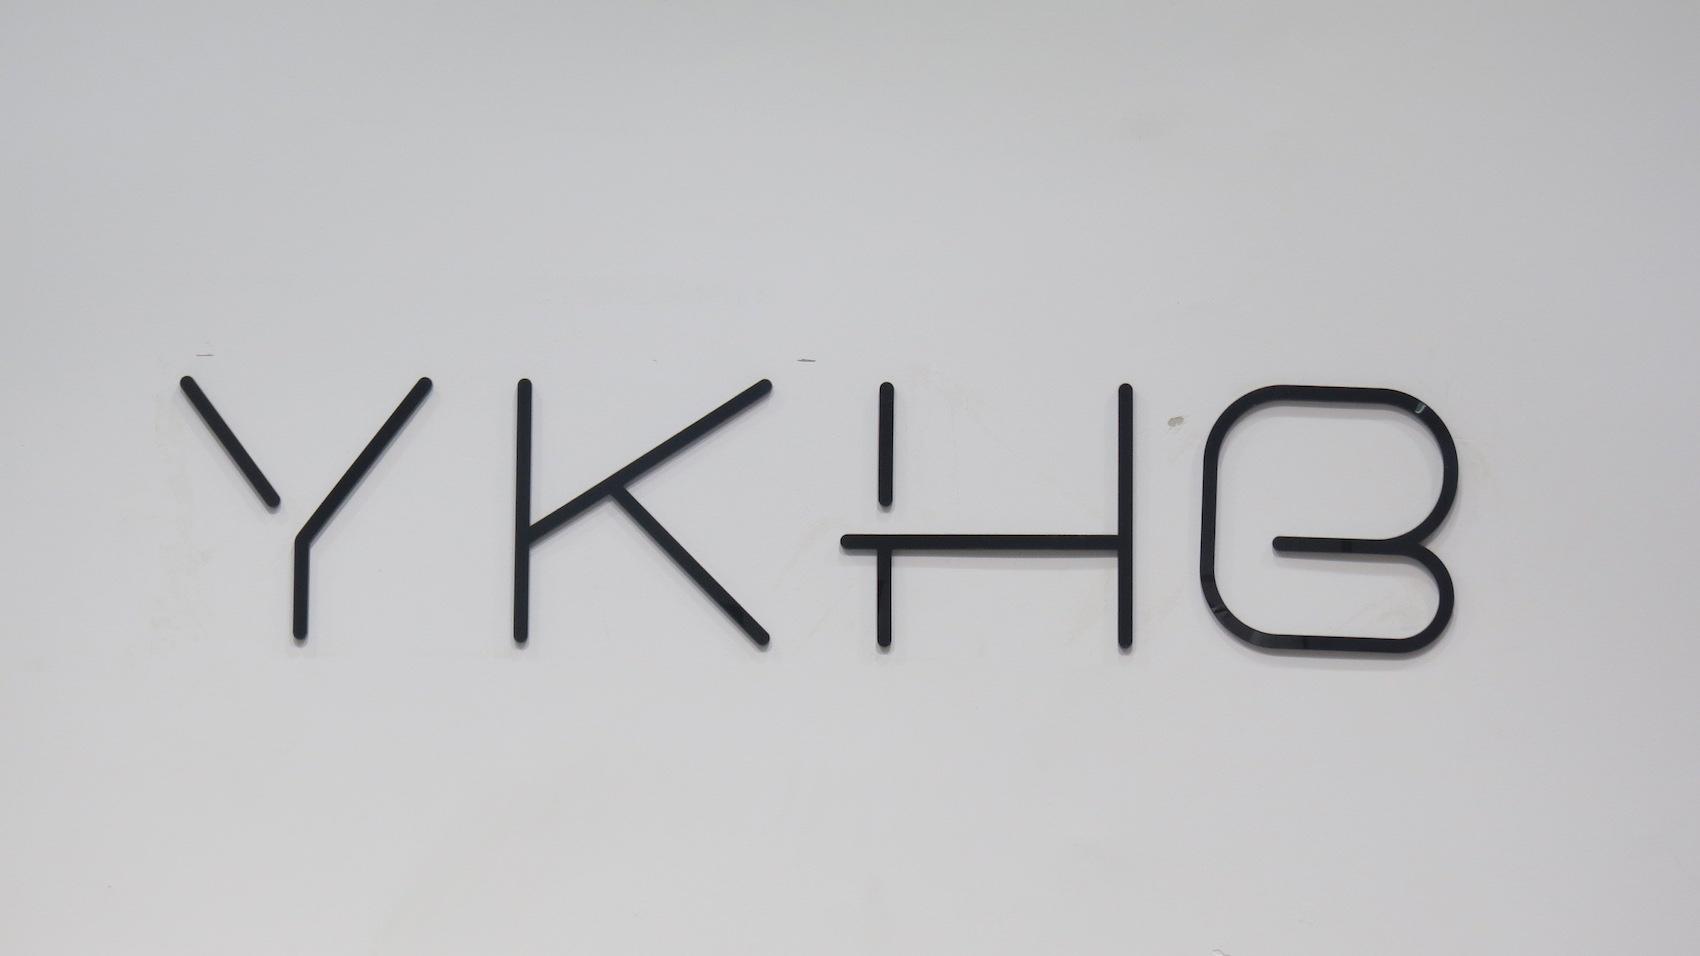 """تخفيضات ماركة """"واي كي اتش بي"""" ykhb في الرمال سنتر بمدينة الرياض IMG_3626.jpg"""